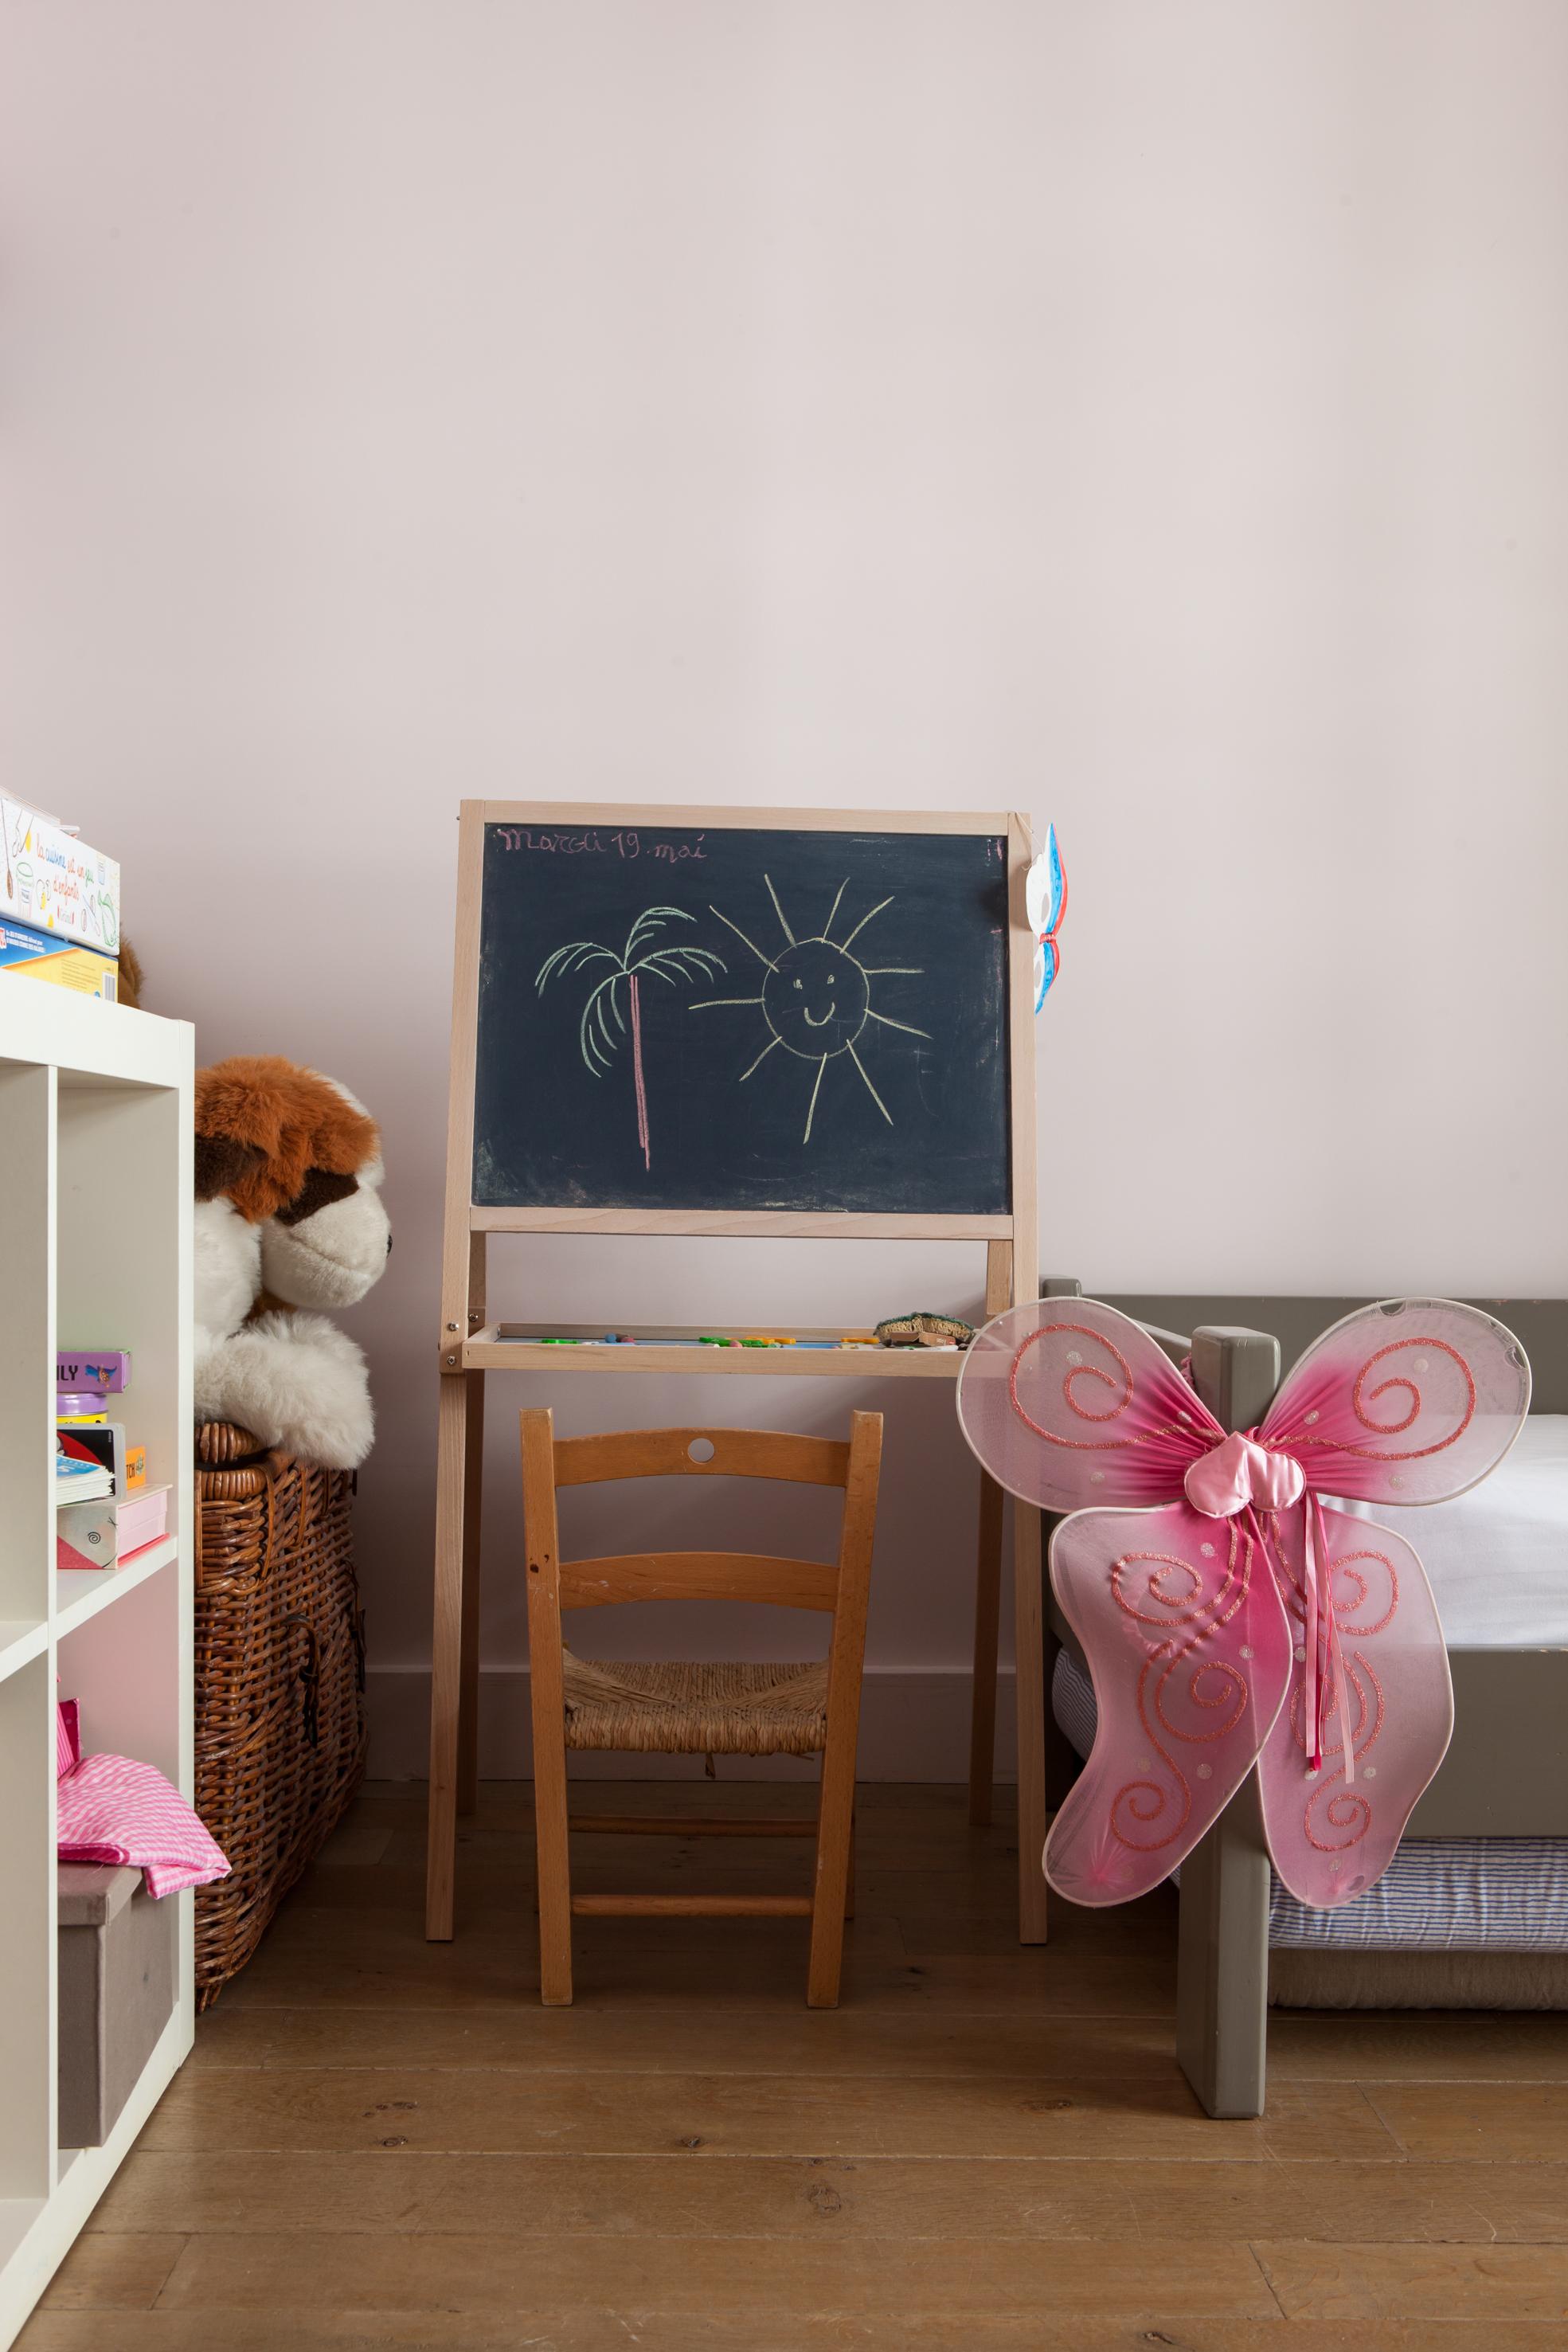 детская комната меловая доска кровать